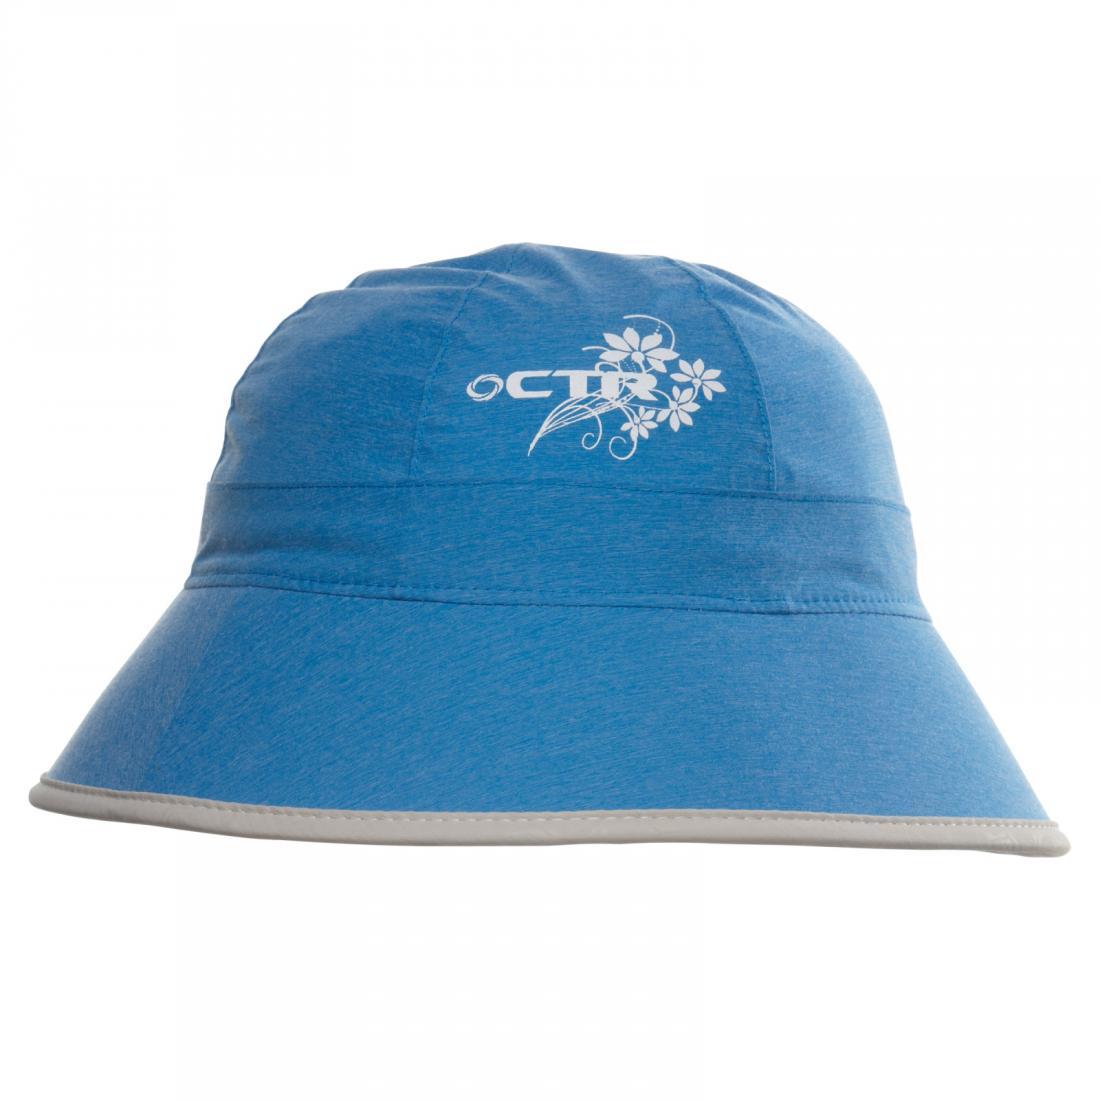 Панама Chaos  Stratus Cloche Rain Hat (женс)Панамы<br><br> Яркая дождевая женская панама Chaos Stratus Cloche Rain Hat станет отличным решением для пасмурного дня. Она функциональна и удобна, имеет привлекательный внешний вид и отличается высоким качеством материалов.<br><br><br>Панама выполнена из ...<br><br>Цвет: Голубой<br>Размер: S-M